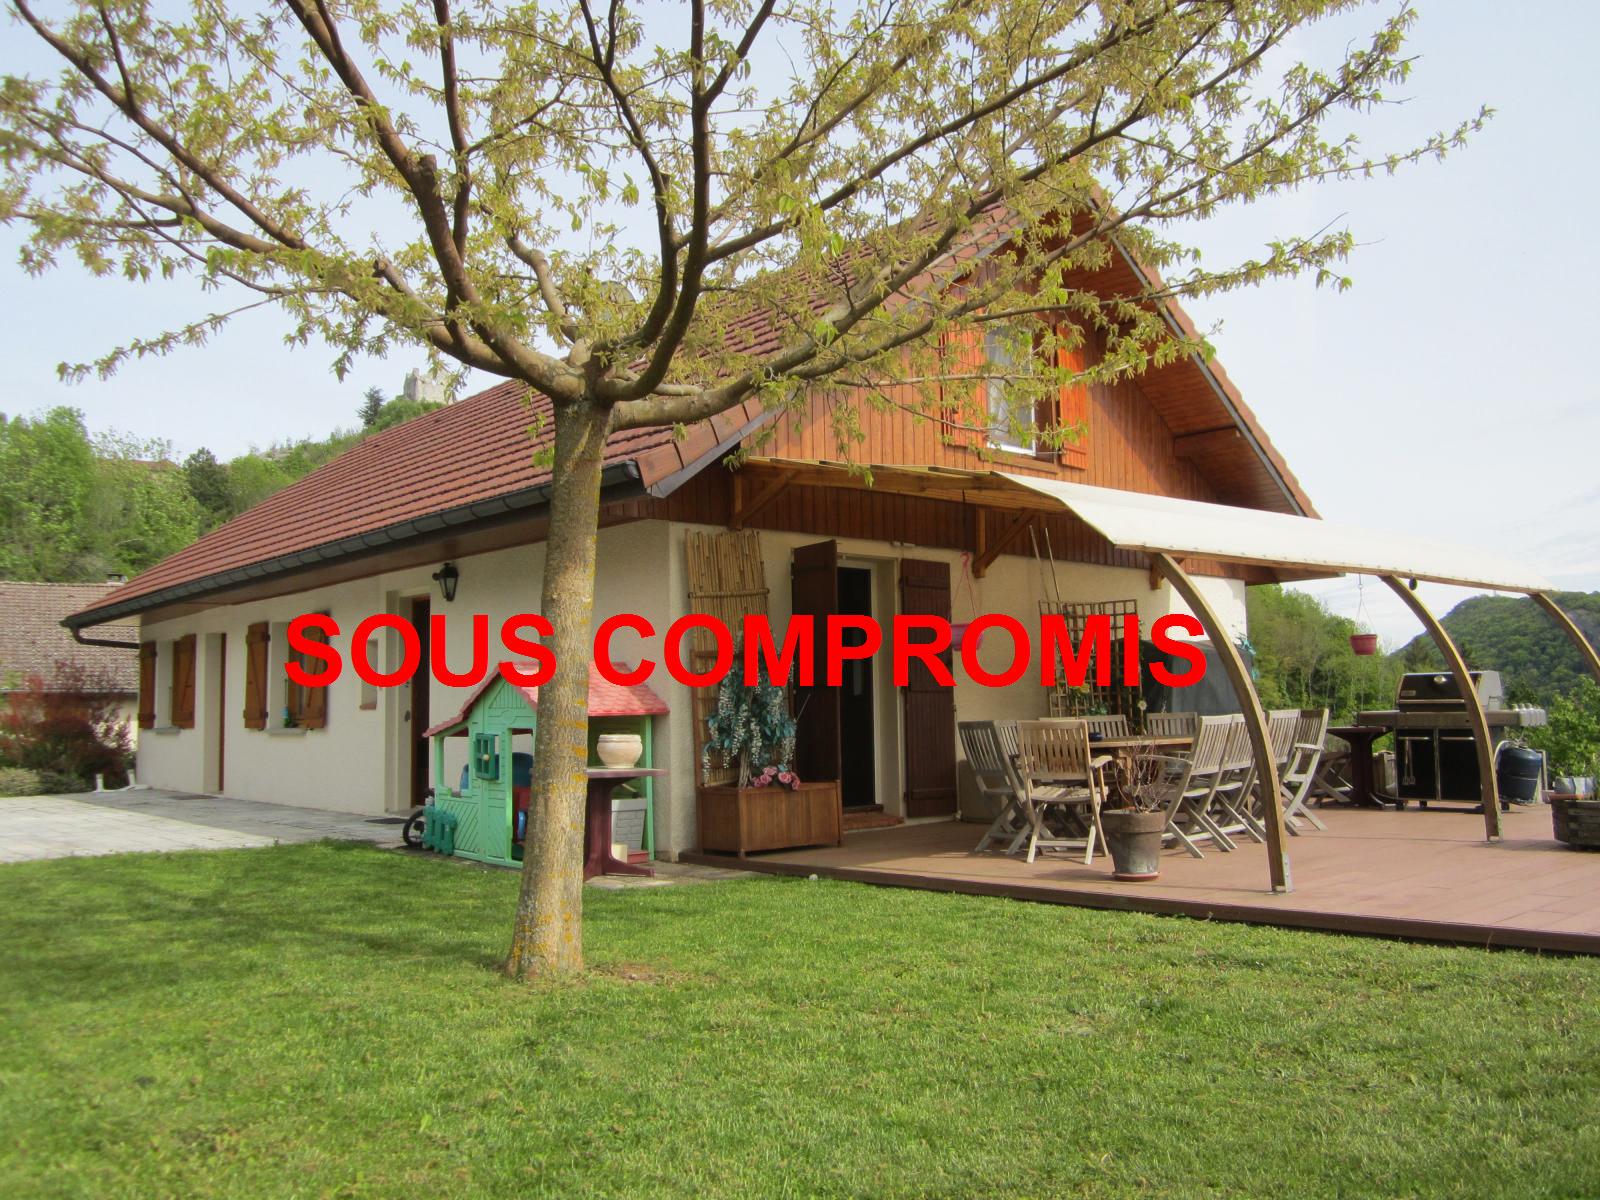 EXCLUSIVITE 5 min de Savigny Maison avec vue panoramique sur les montagnes... SOUS COMPROMIS